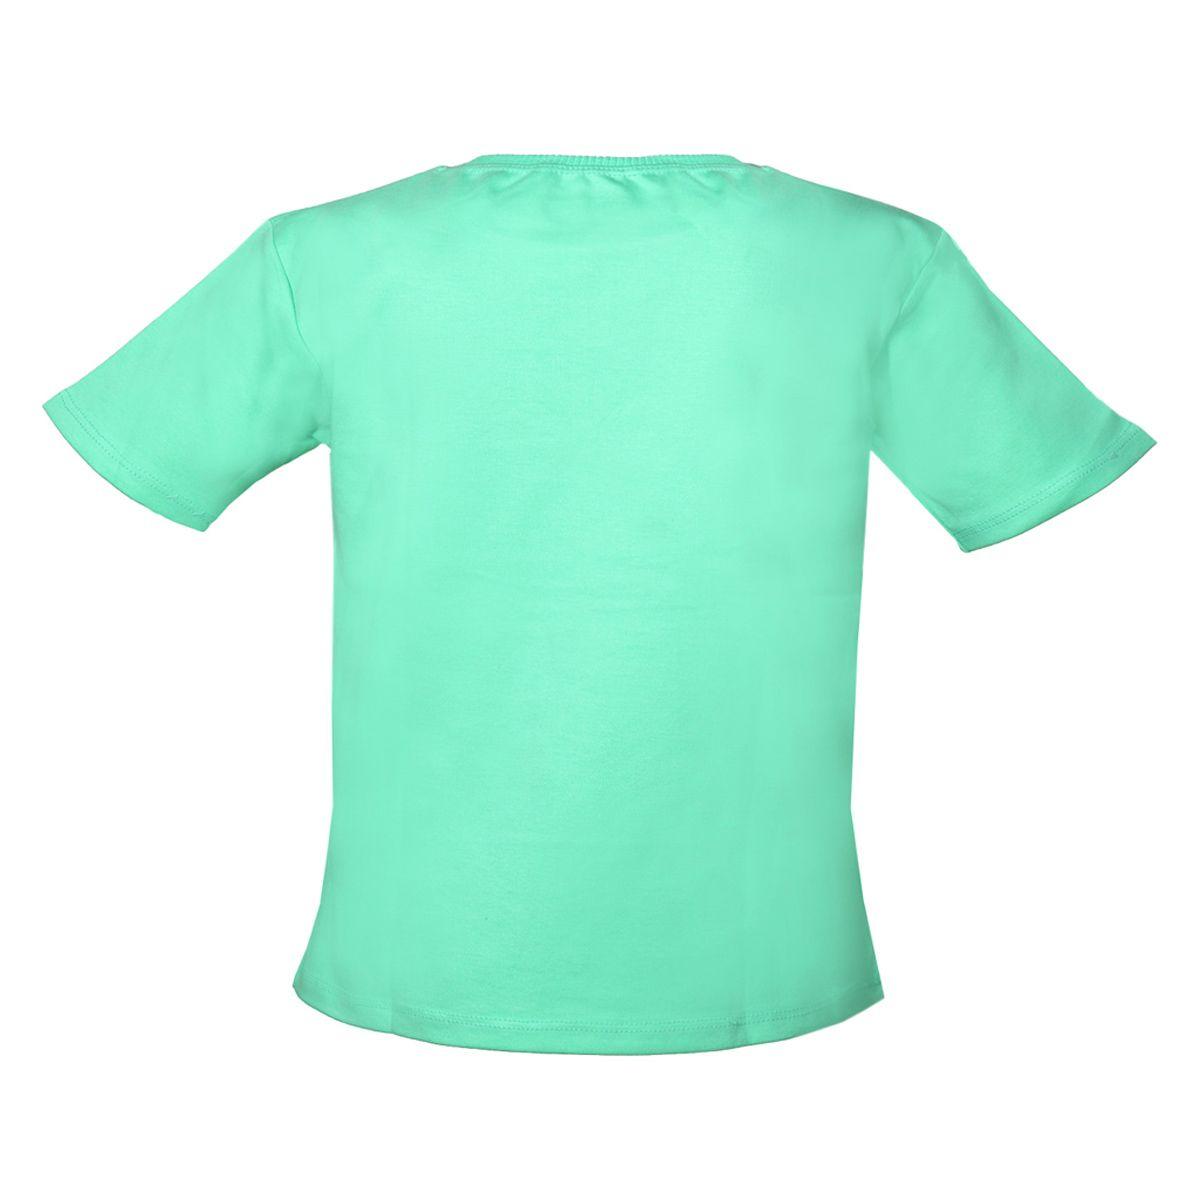 ست تی شرت و شلوارک پسرانه کد 4177 -  - 3